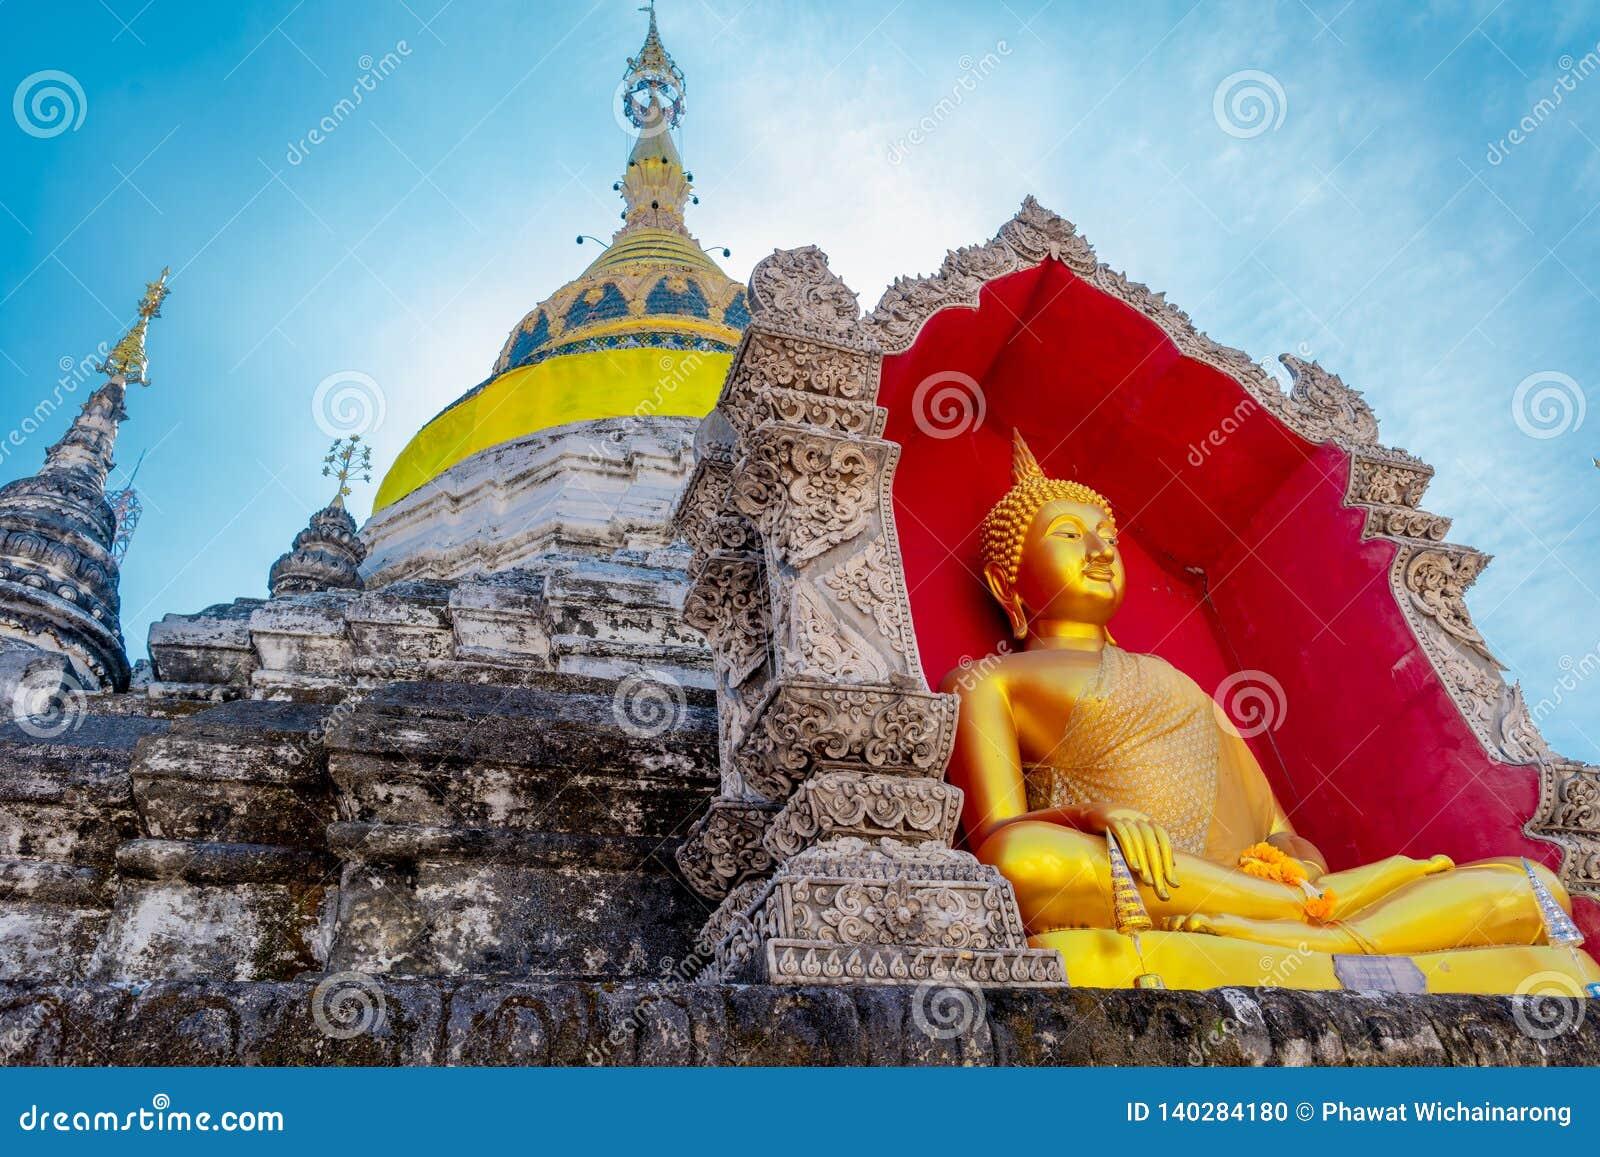 Vor ein alter Tempel errichtete 500 Jastimmen ist sehr berühmt unter Touristen